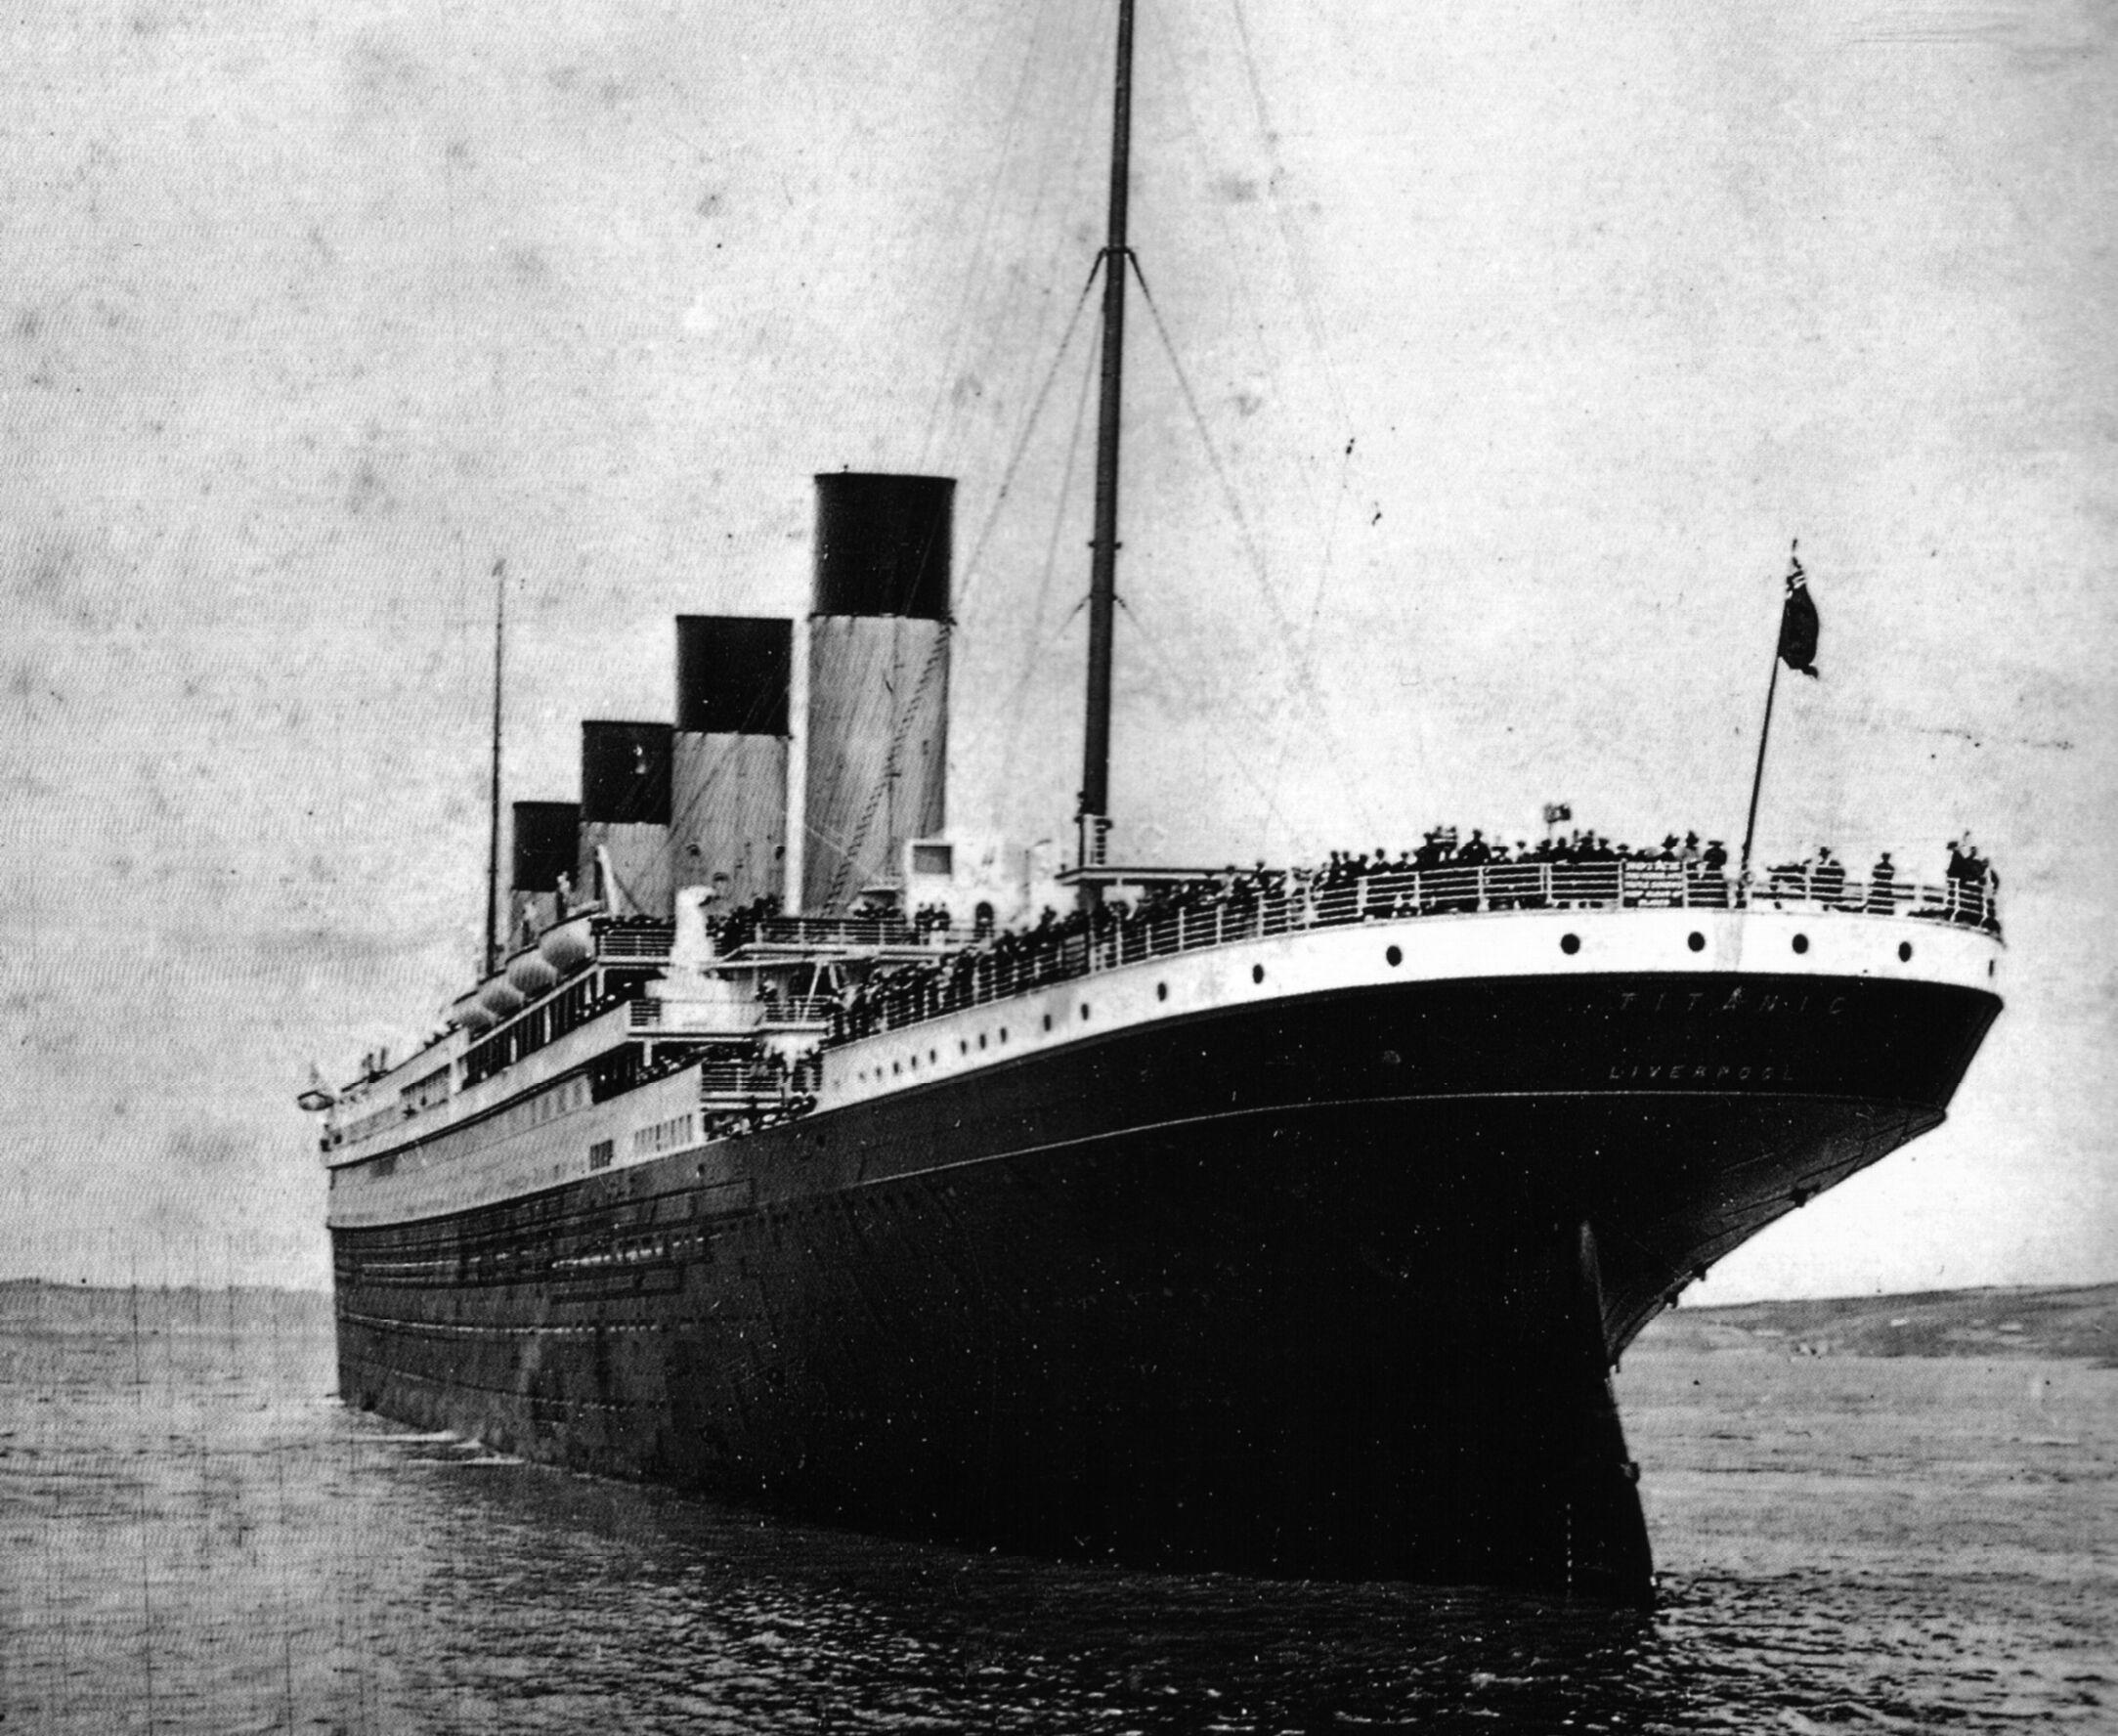 RMS Titanic leaving Southampton